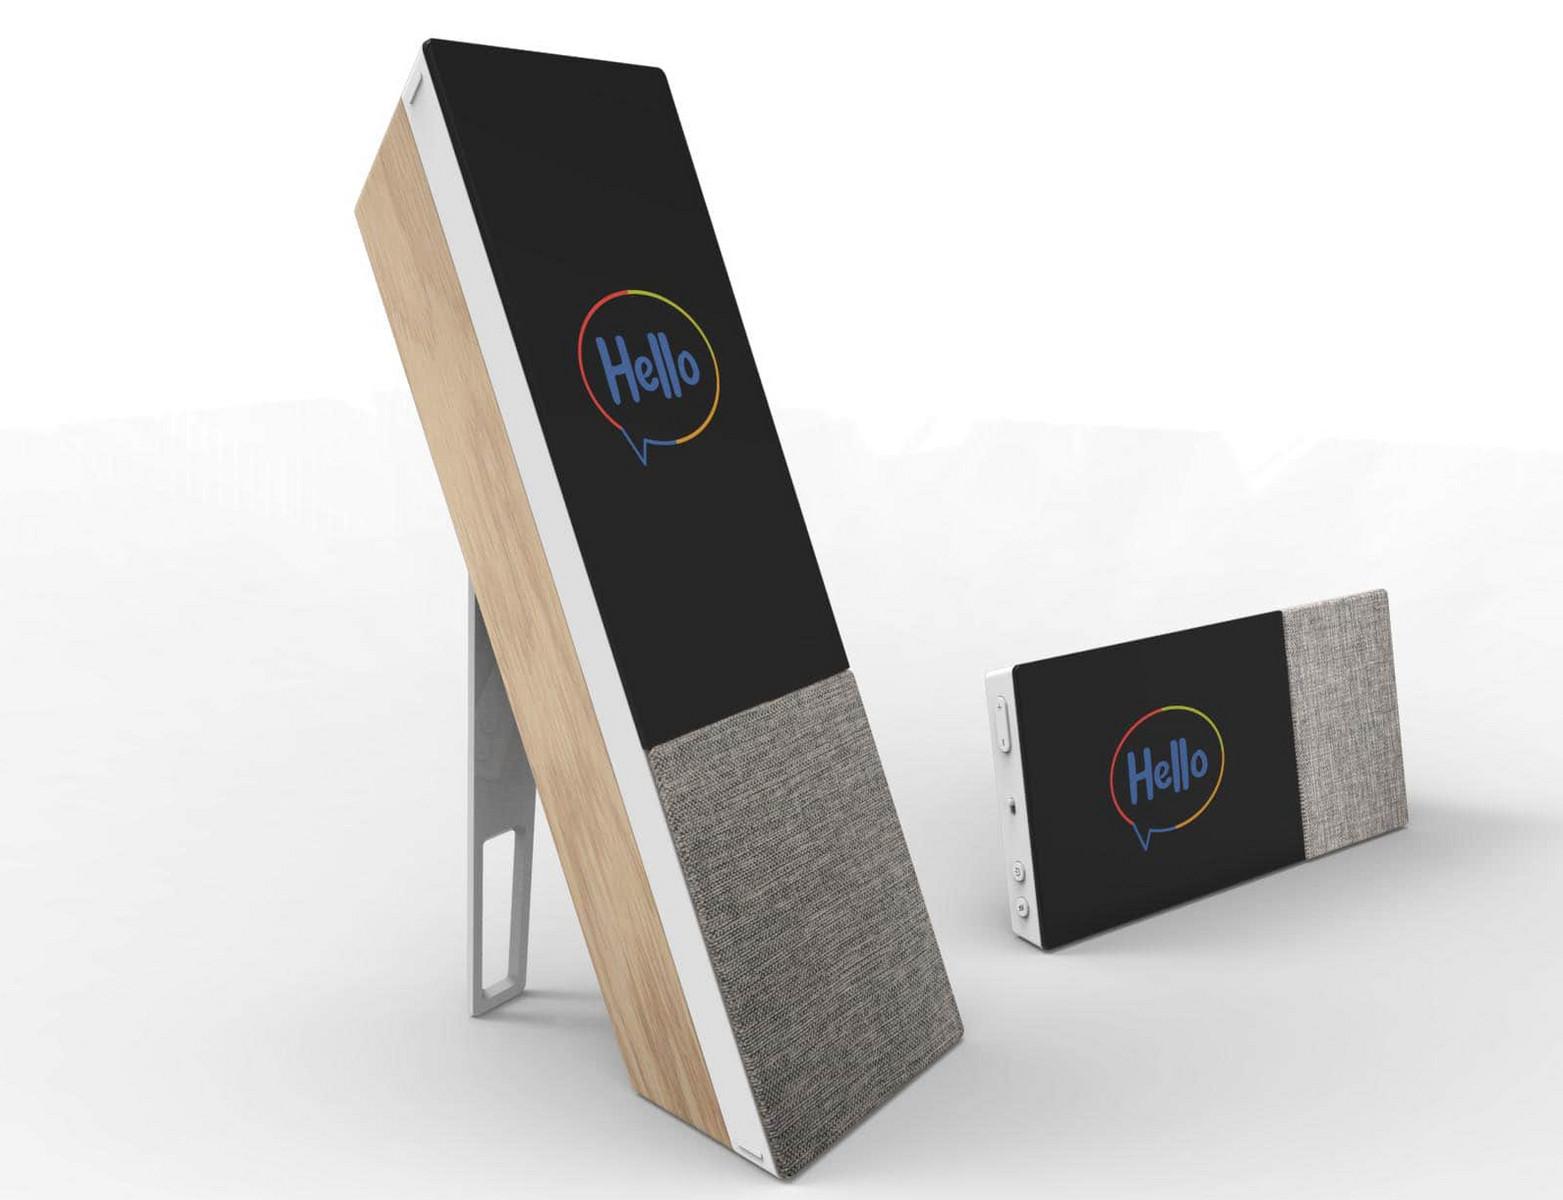 Archos Hello: Der smarte Lautsprecher mit Bildschirm